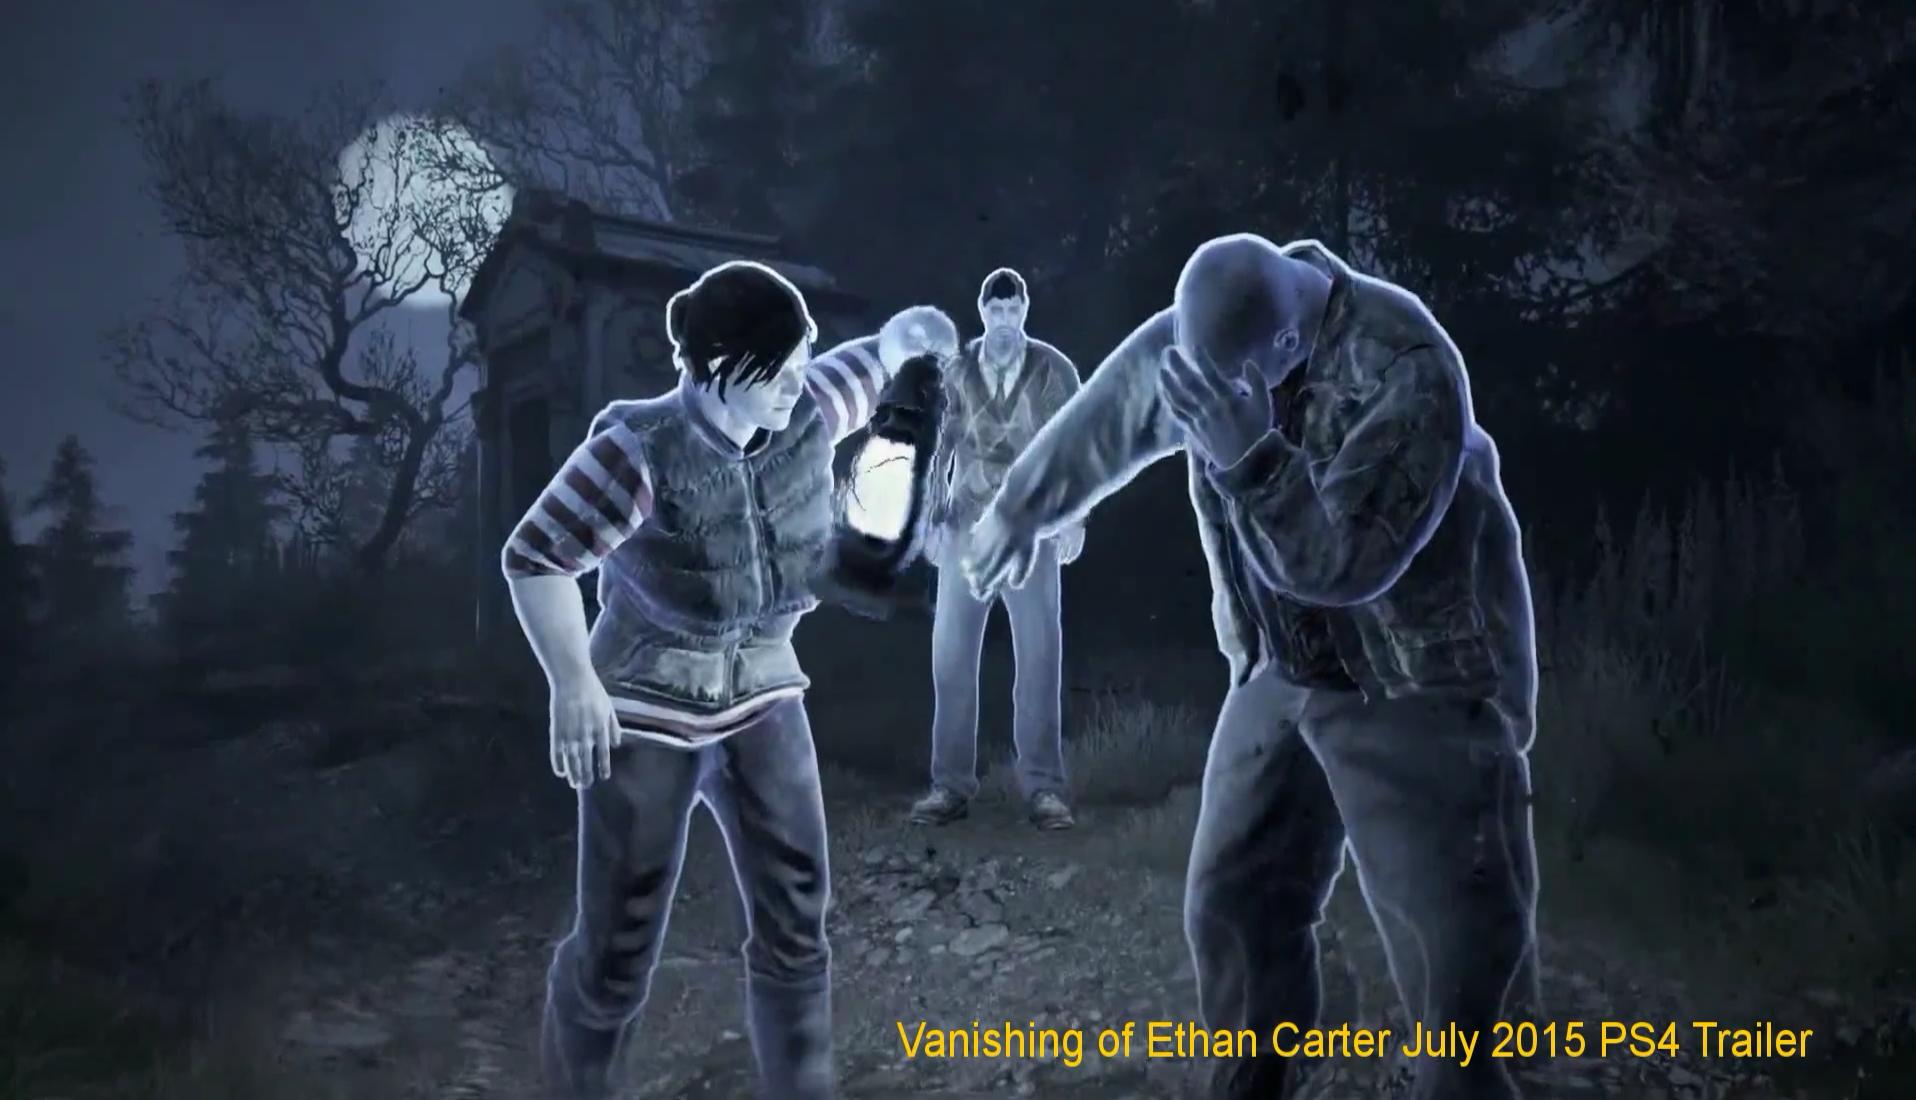 Сильное УХУДШЕНИЕ ГРАФИКИ PS4-версии The Vanishing of Ethan Carter.. - Изображение 1